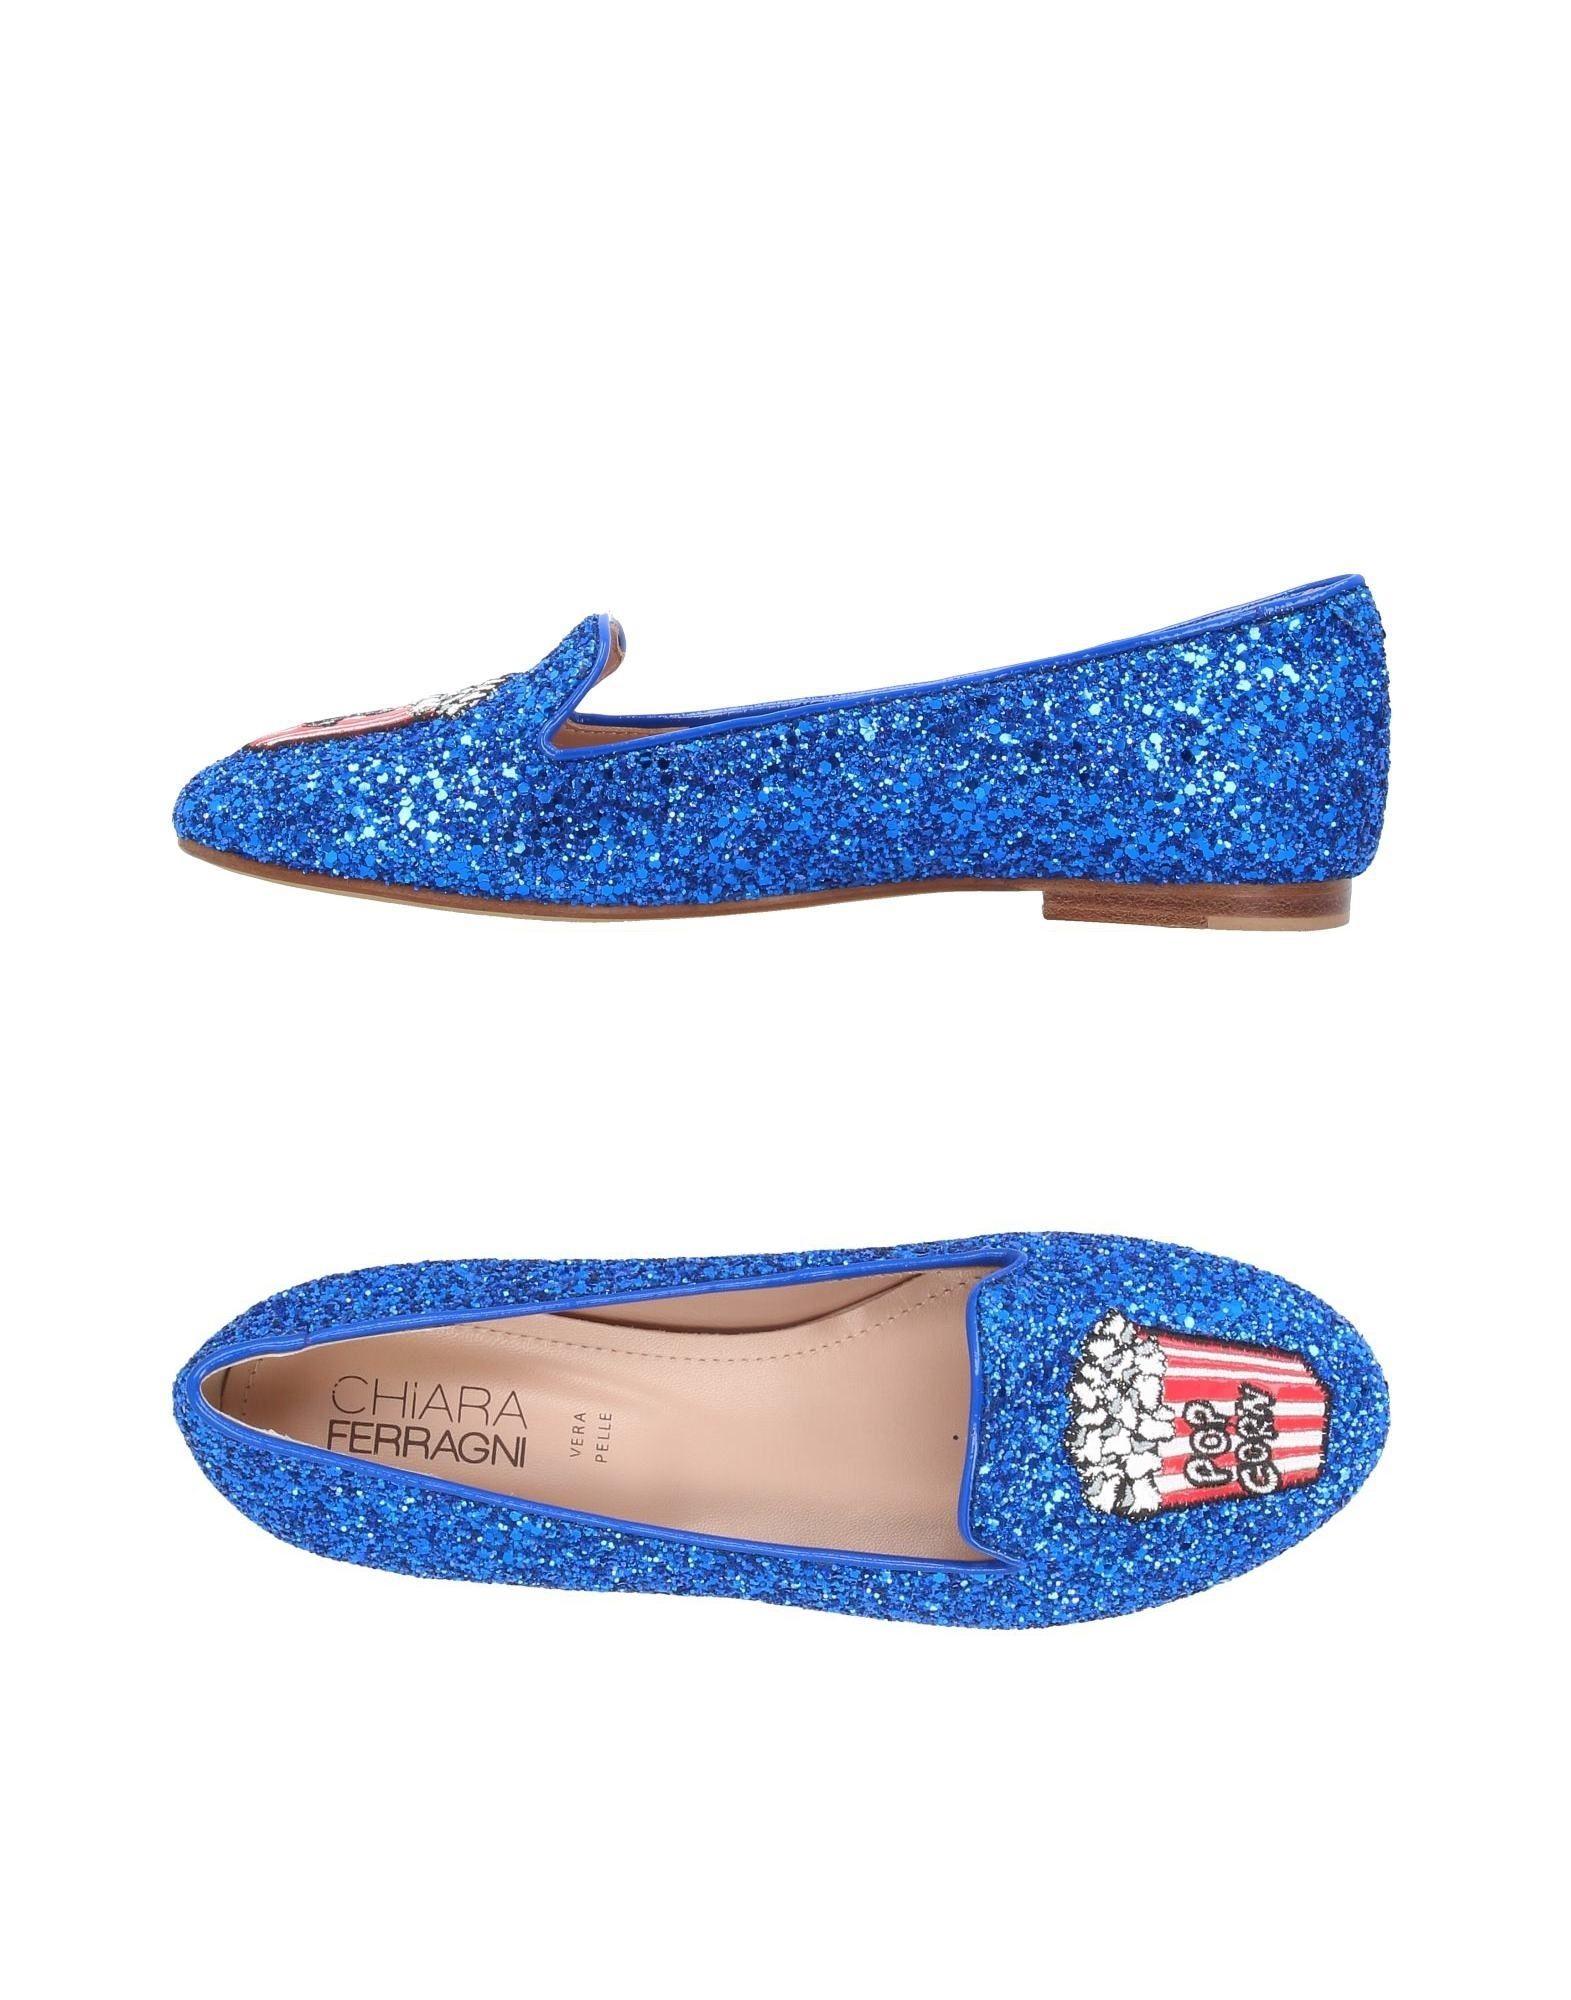 Chiara Ferragni Ballerinas Damen  11395889CI Gute Qualität beliebte Schuhe